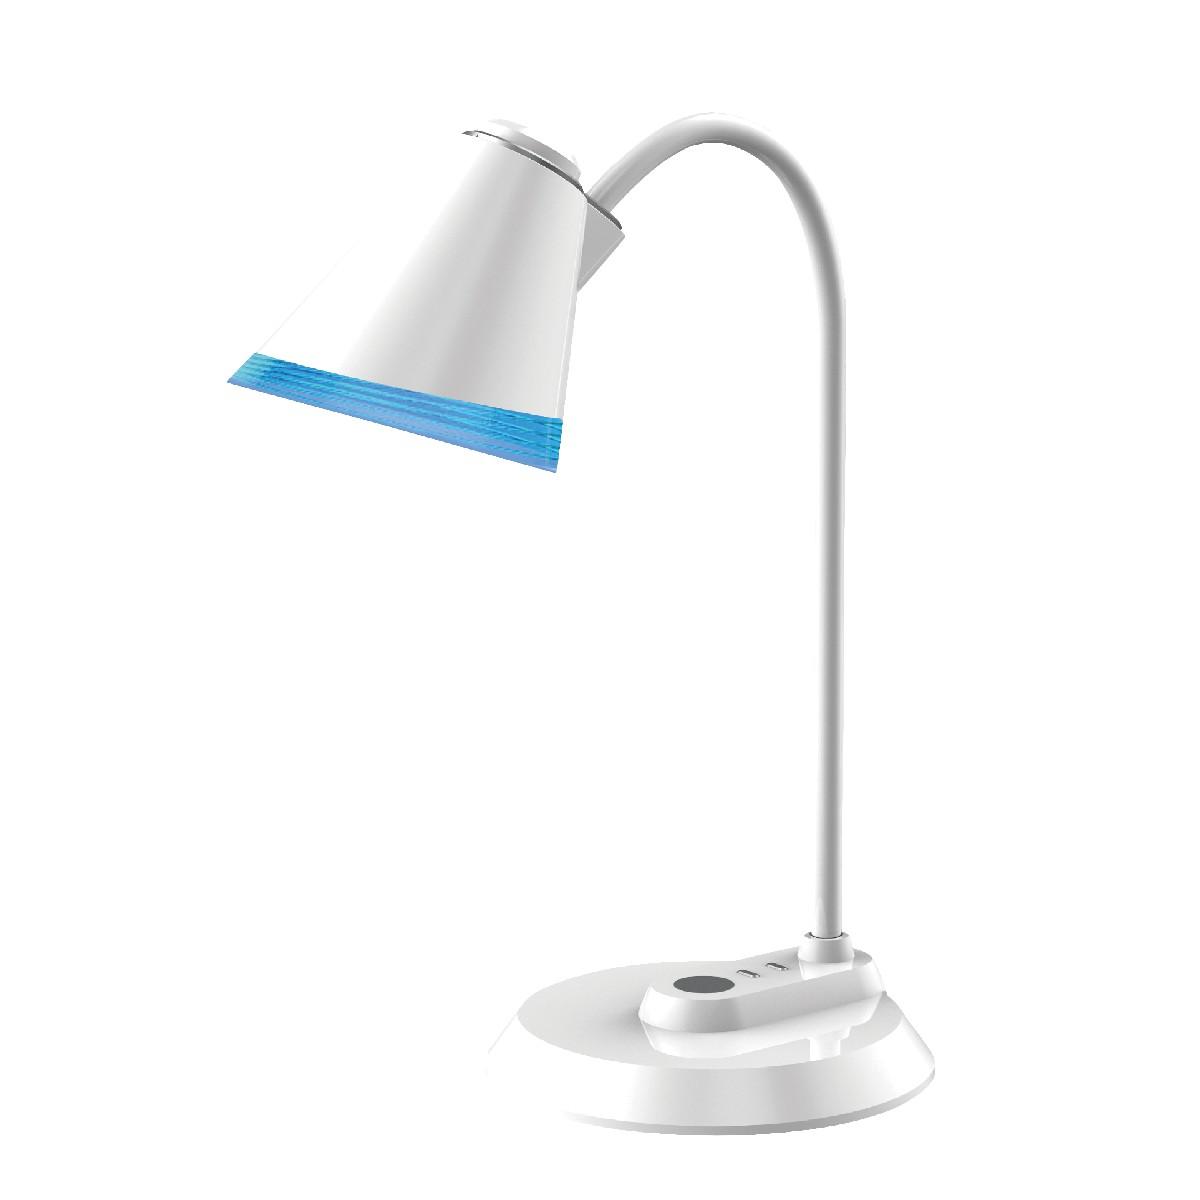 Φωτιστικό με Λάμπα LED Maxcom ML4500 Mico 350 Lumens IP20 με 3 Επίπεδα Φωτεινότητας Λευκό